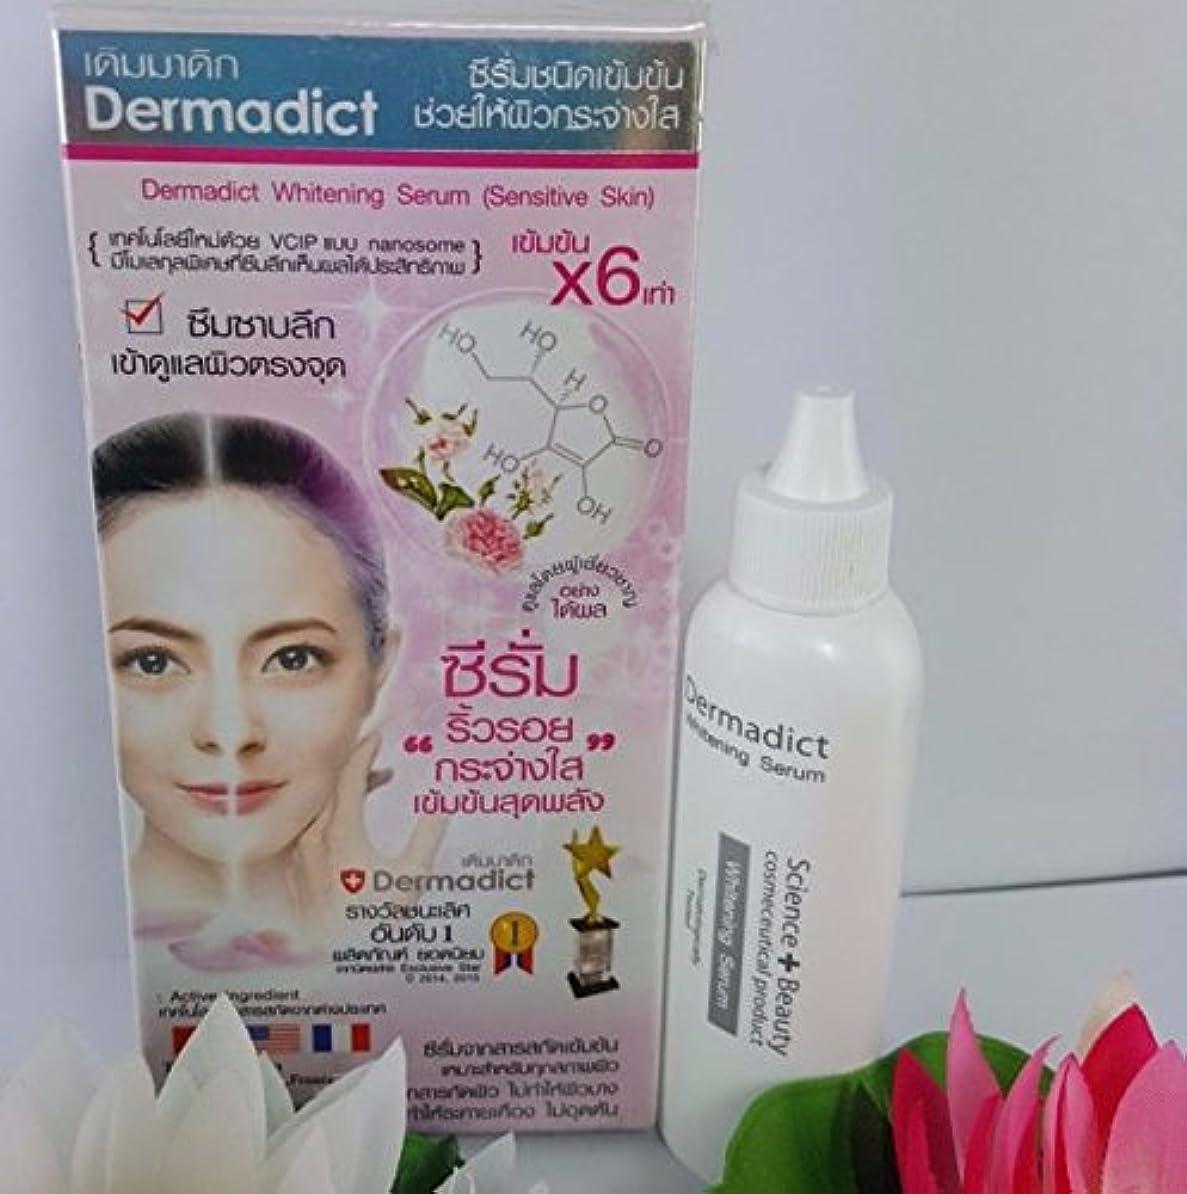 穿孔するフォーマル法廷DERMADICT Whitening Serum Skin Cream Repair Sensitive Skin 15ml